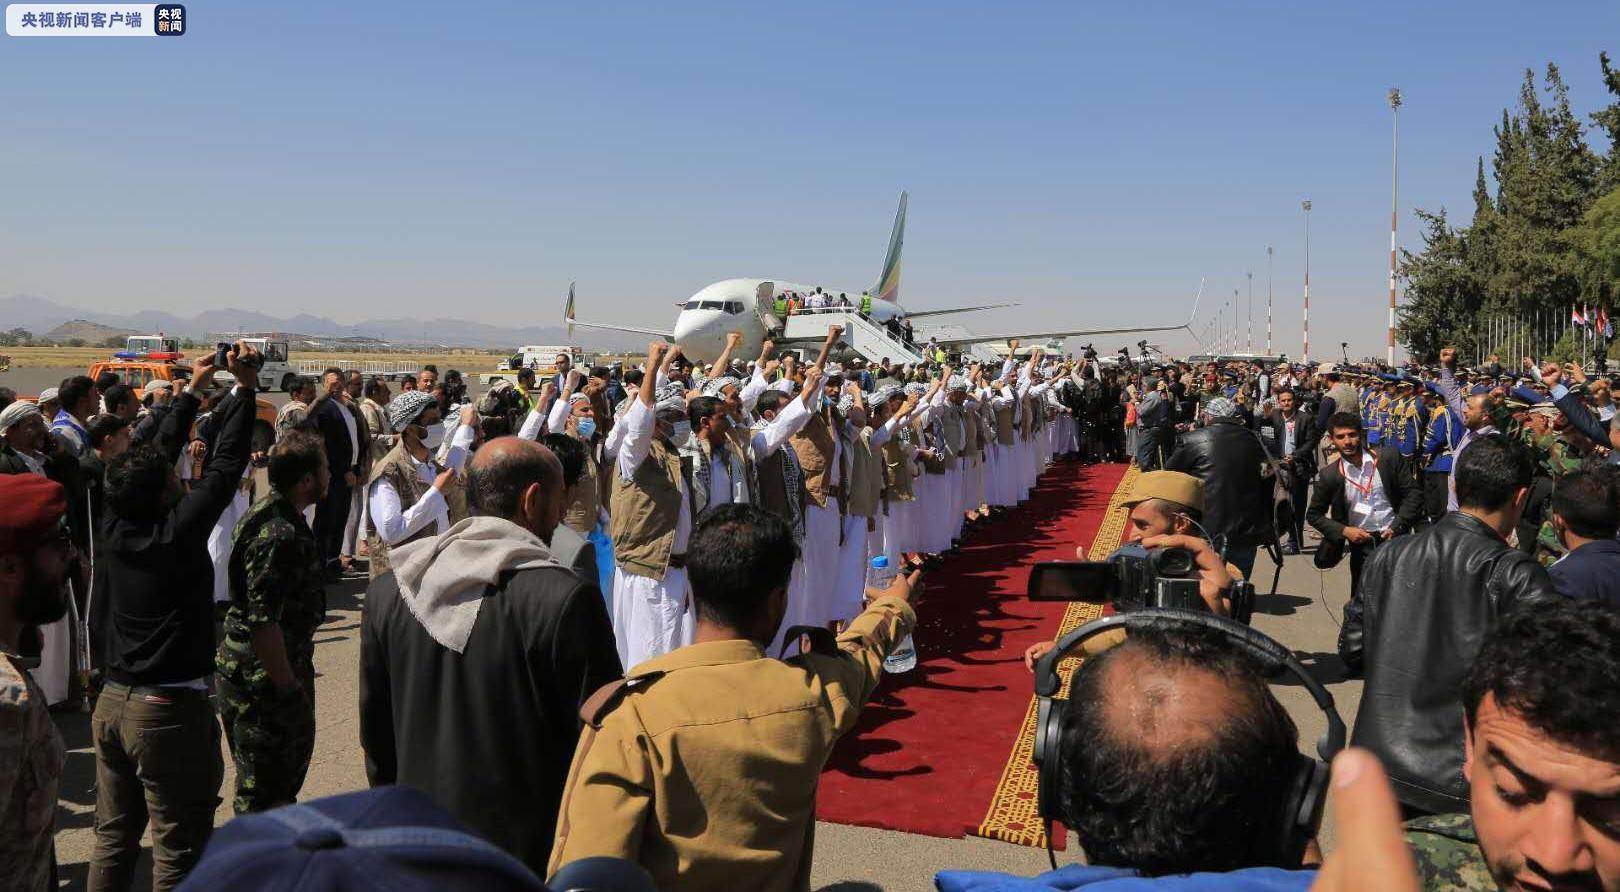 沙特联军释放首批胡塞武装人员抵达也门首都萨那